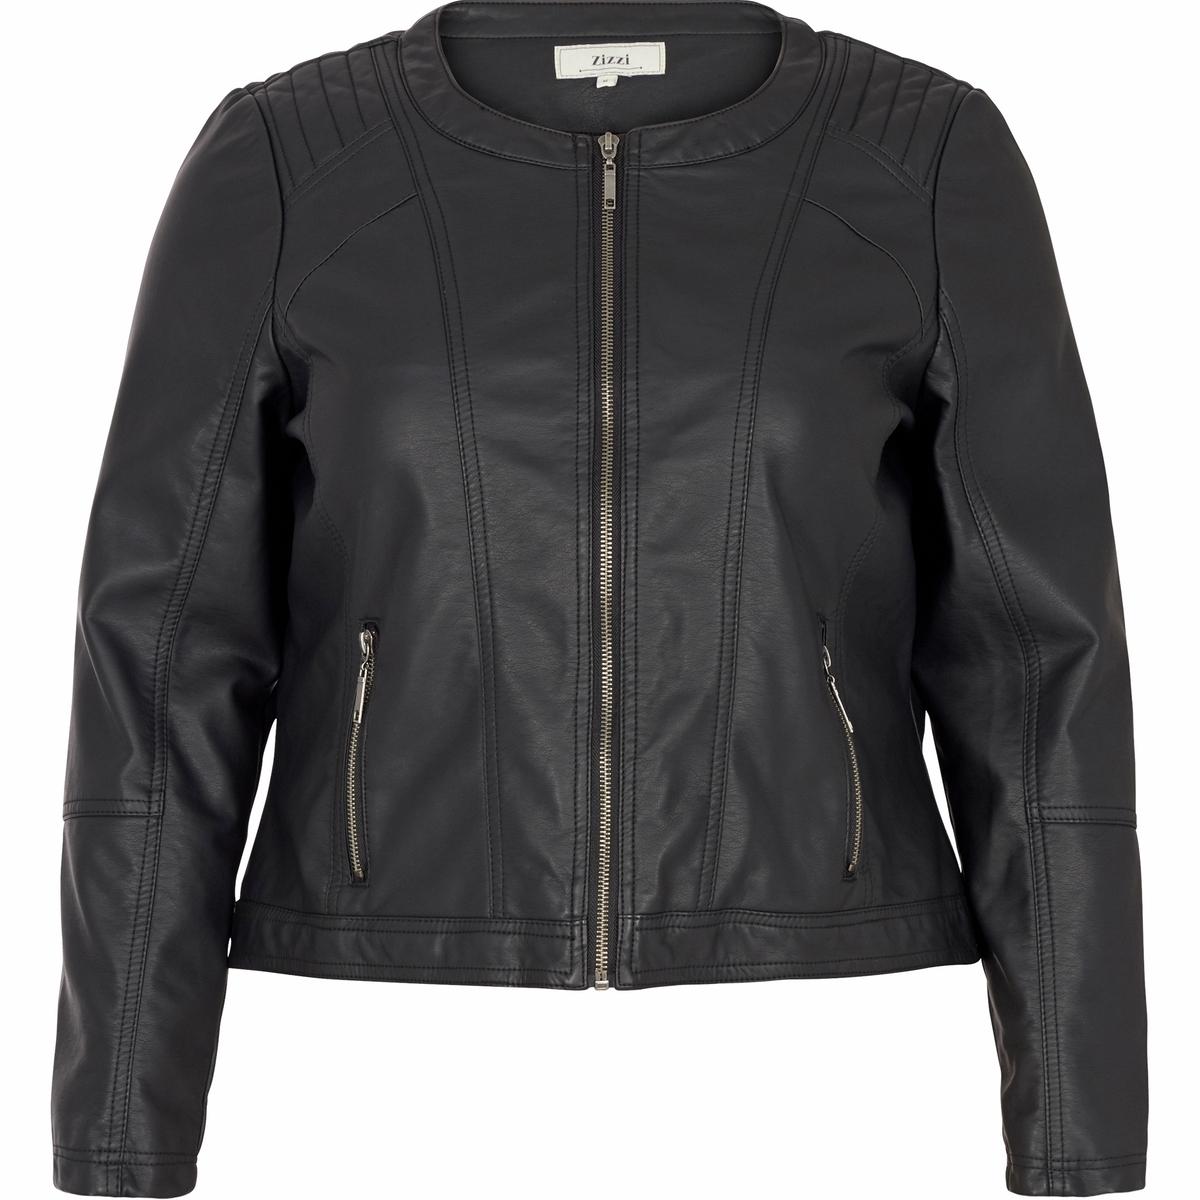 Куртка из искусственной кожиКуртка из искусственной кожи ZIZZI. Короткая модель с длинными рукавами и круглым вырезом. Застежка на молнию спереди, на уровне карманов и на рукавах  . 100% полиуретана.<br><br>Цвет: черный